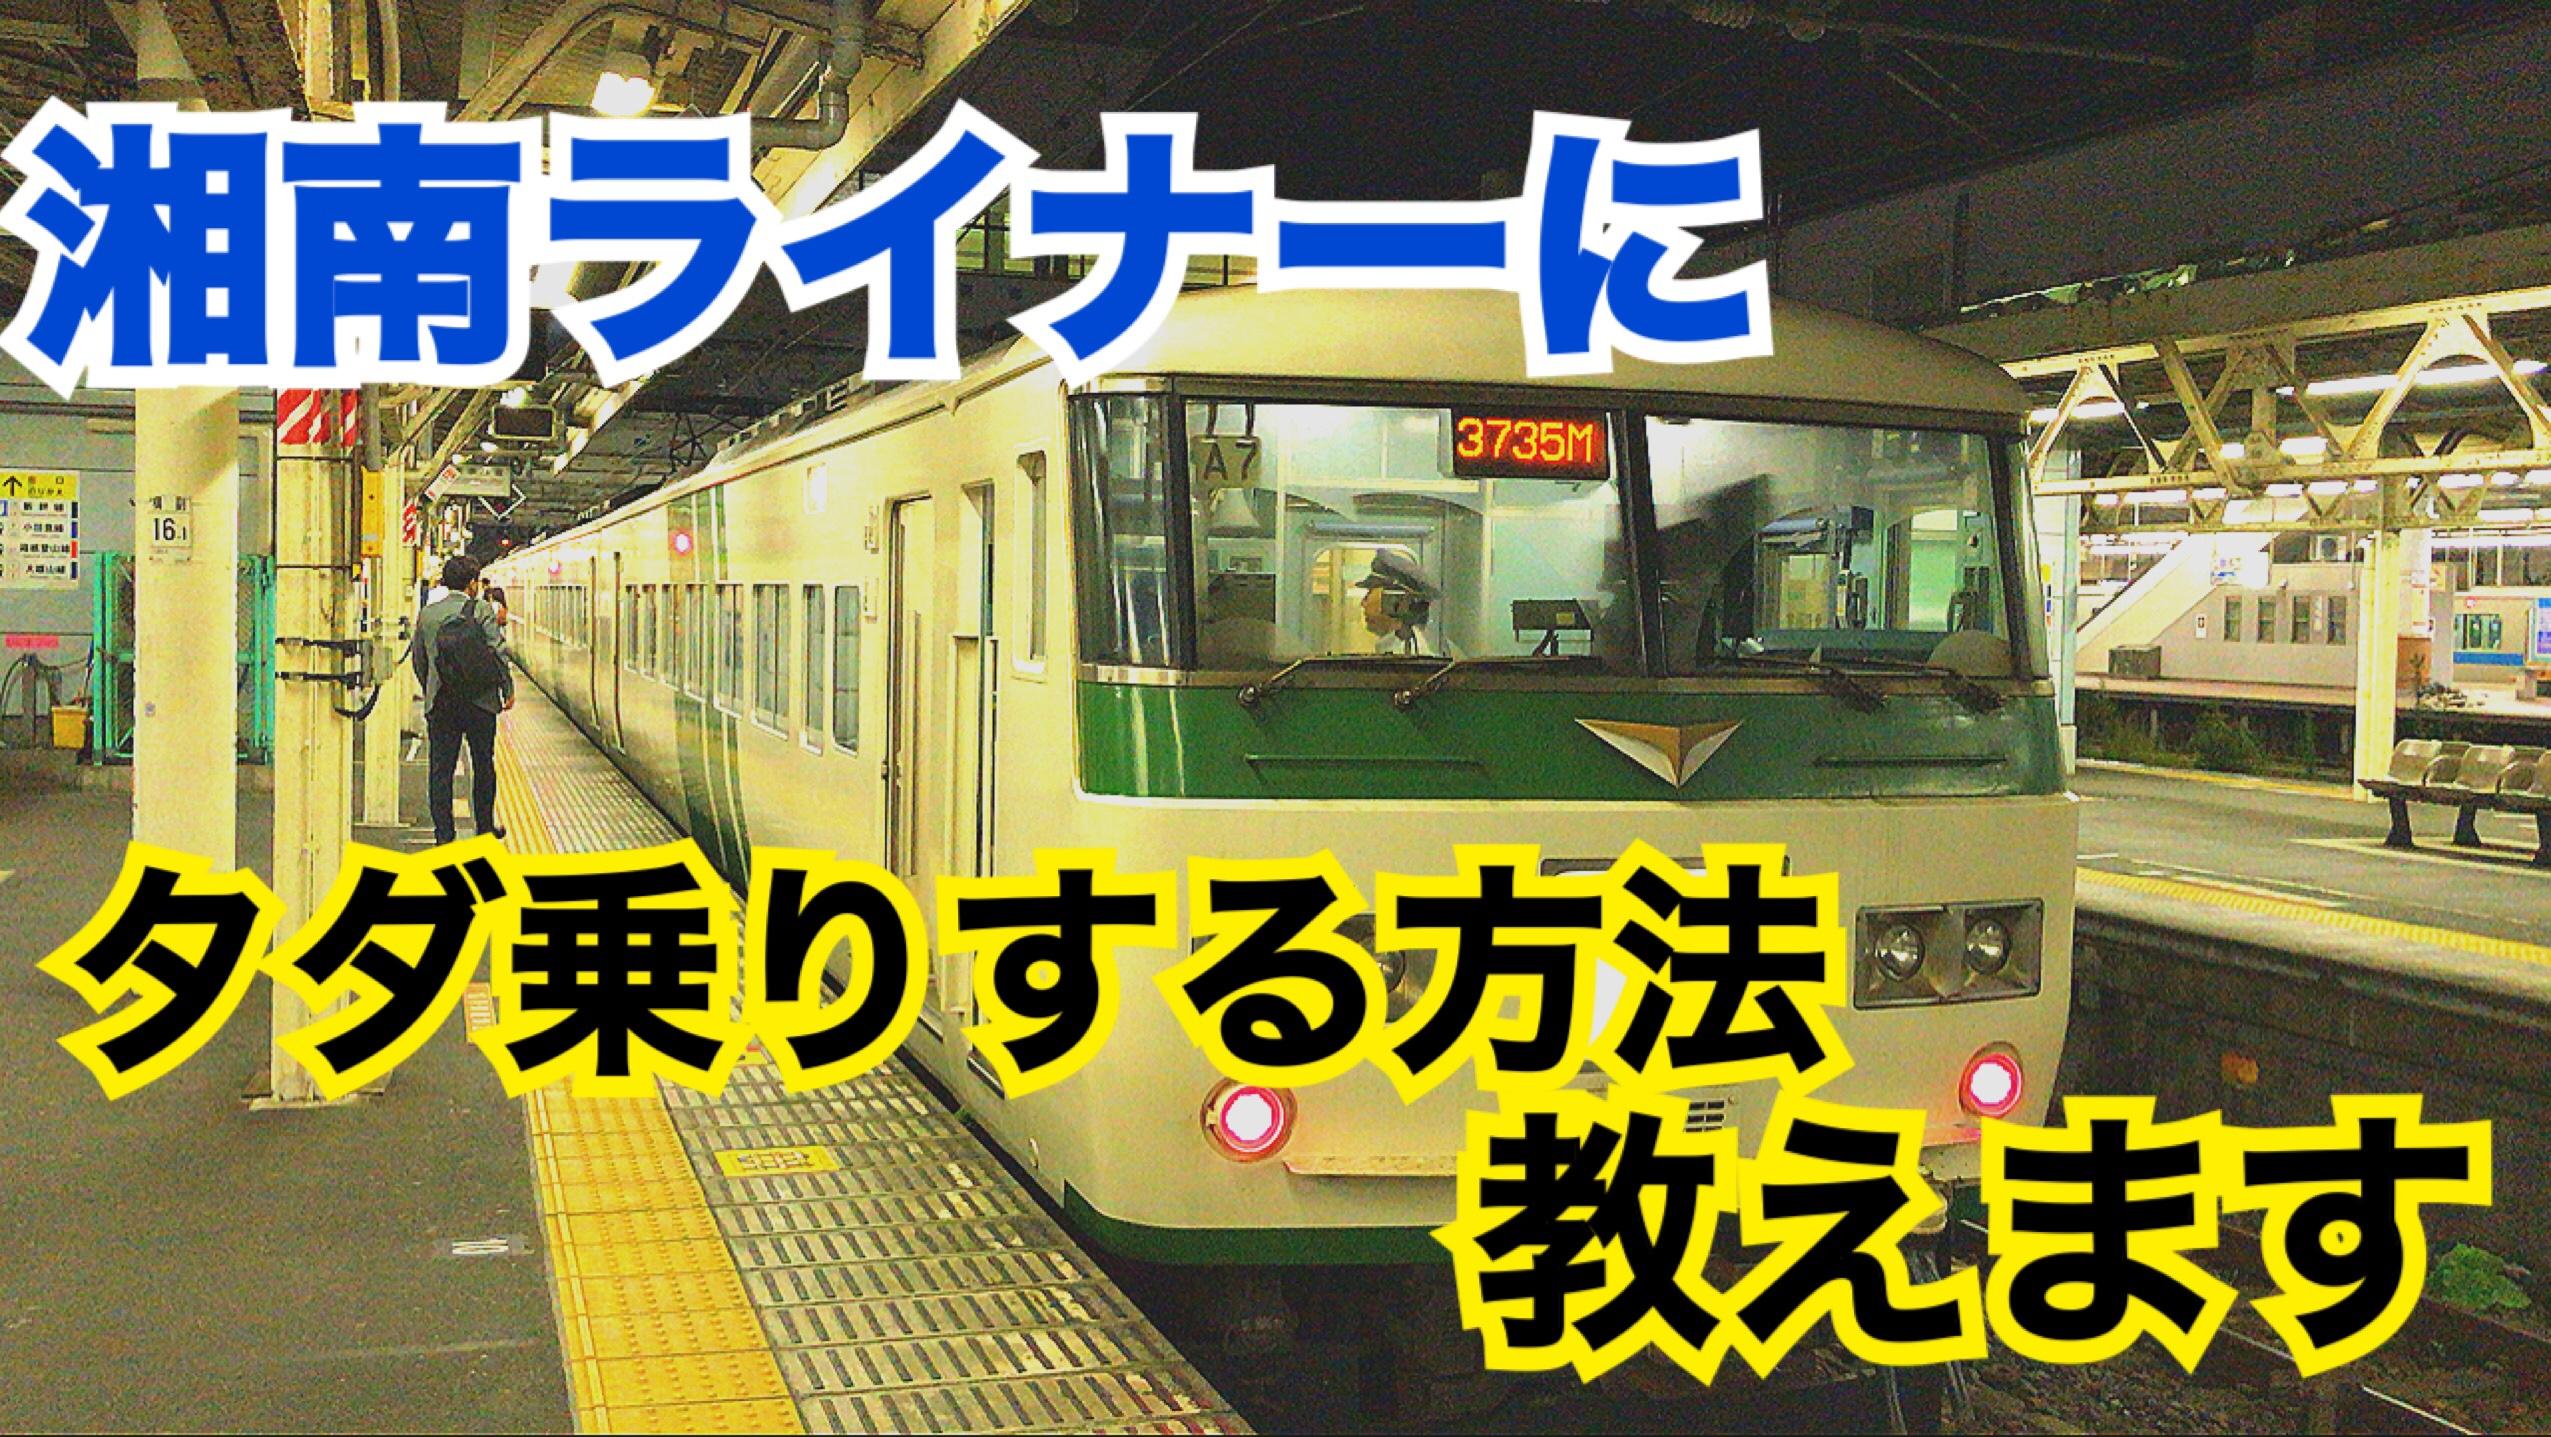 【キセル乗車?!】湘南ライナーにライナー券なしで!首都圏の乗り得列車!【関西勉強合宿】